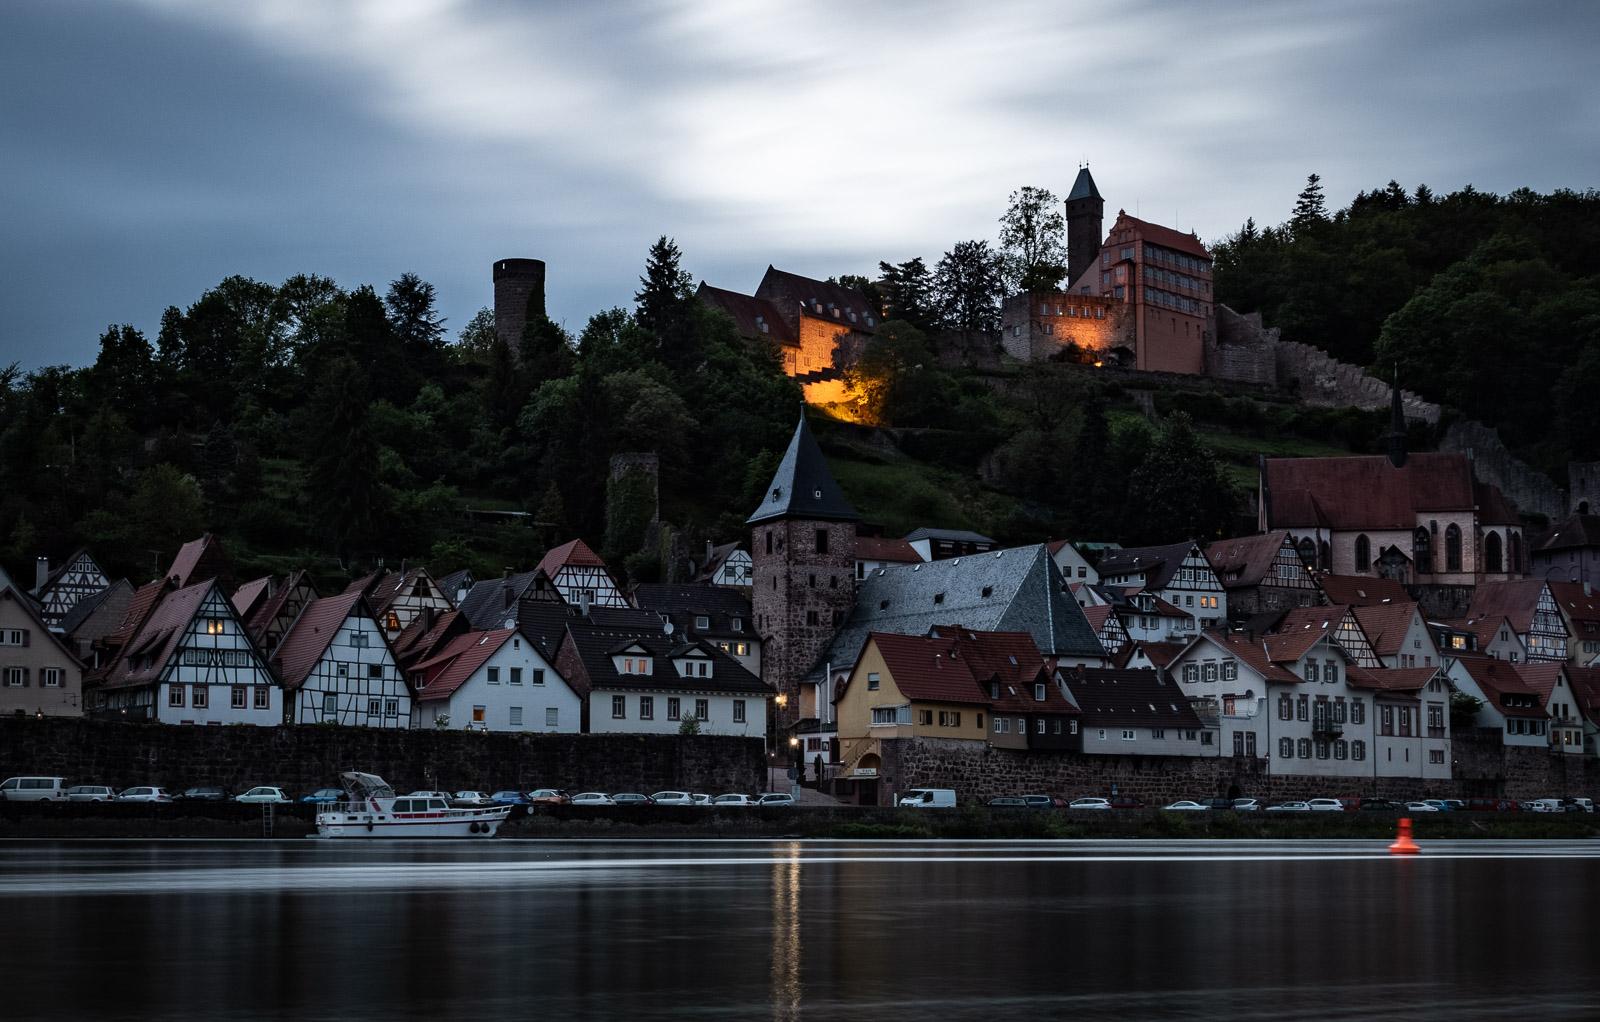 Die Altstadt von Hirschhorn am Abend